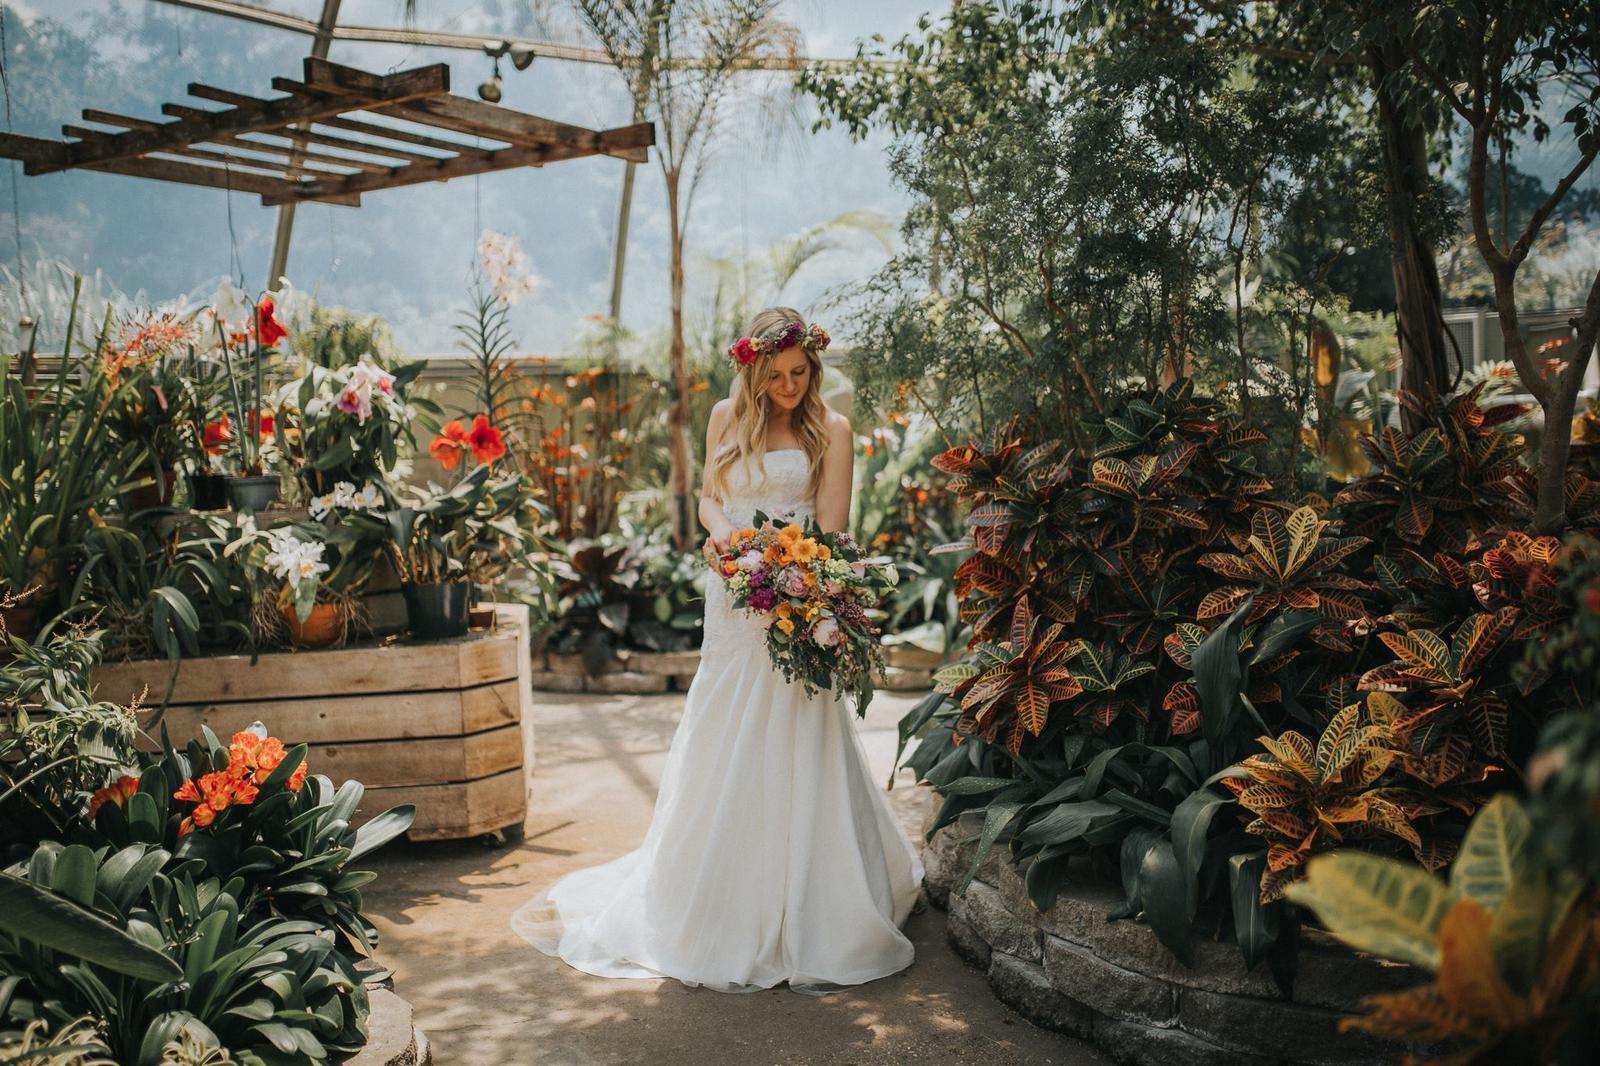 Svadobné fotenie v skleníku - Obrázok č. 30